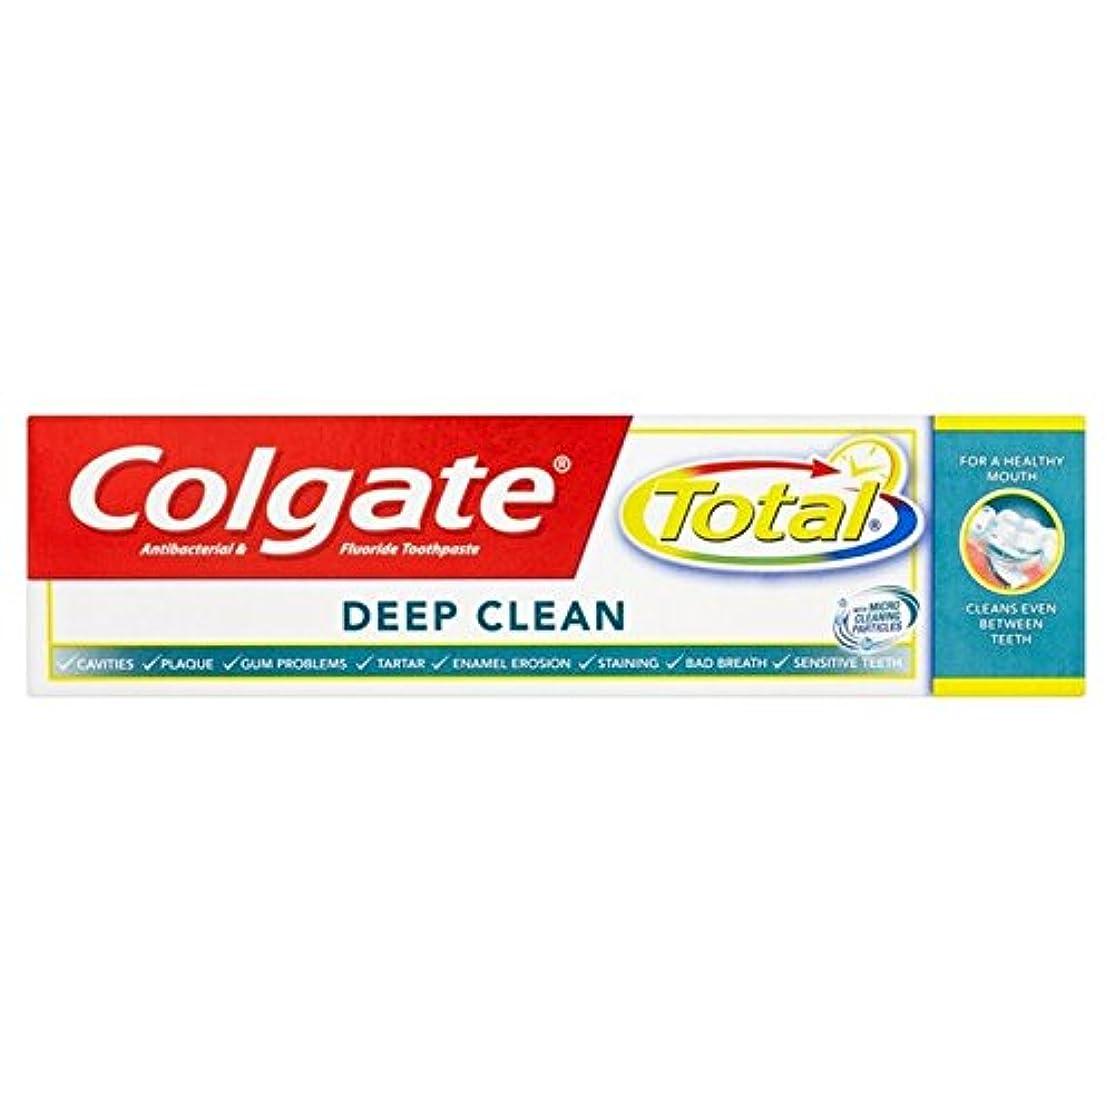 地球療法徴収コルゲートトータル深いクリーン歯磨き粉75ミリリットル x2 - Colgate Total Deep Clean Toothpaste 75ml (Pack of 2) [並行輸入品]